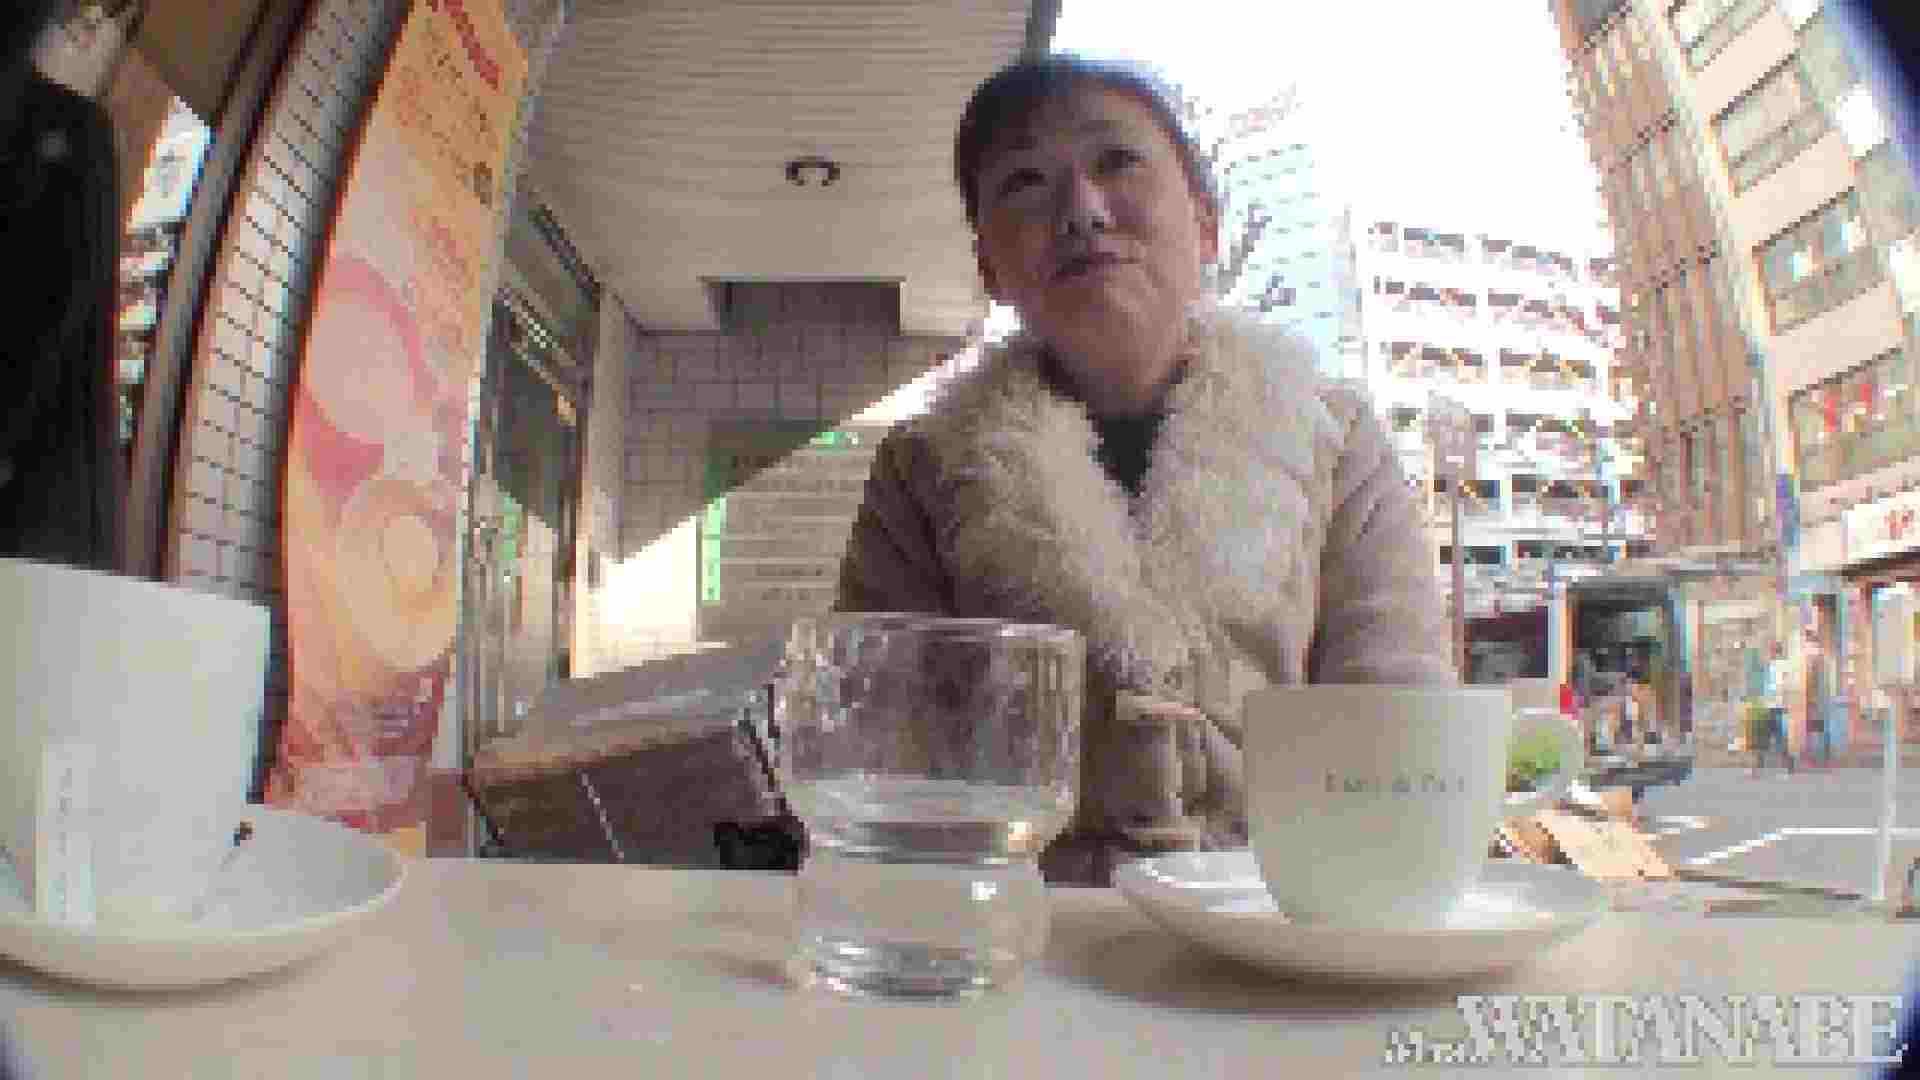 撮影スタッフを誘惑する痴熟女 かおり40歳 Vol.01 隠撮   OLの裸事情  87枚 41